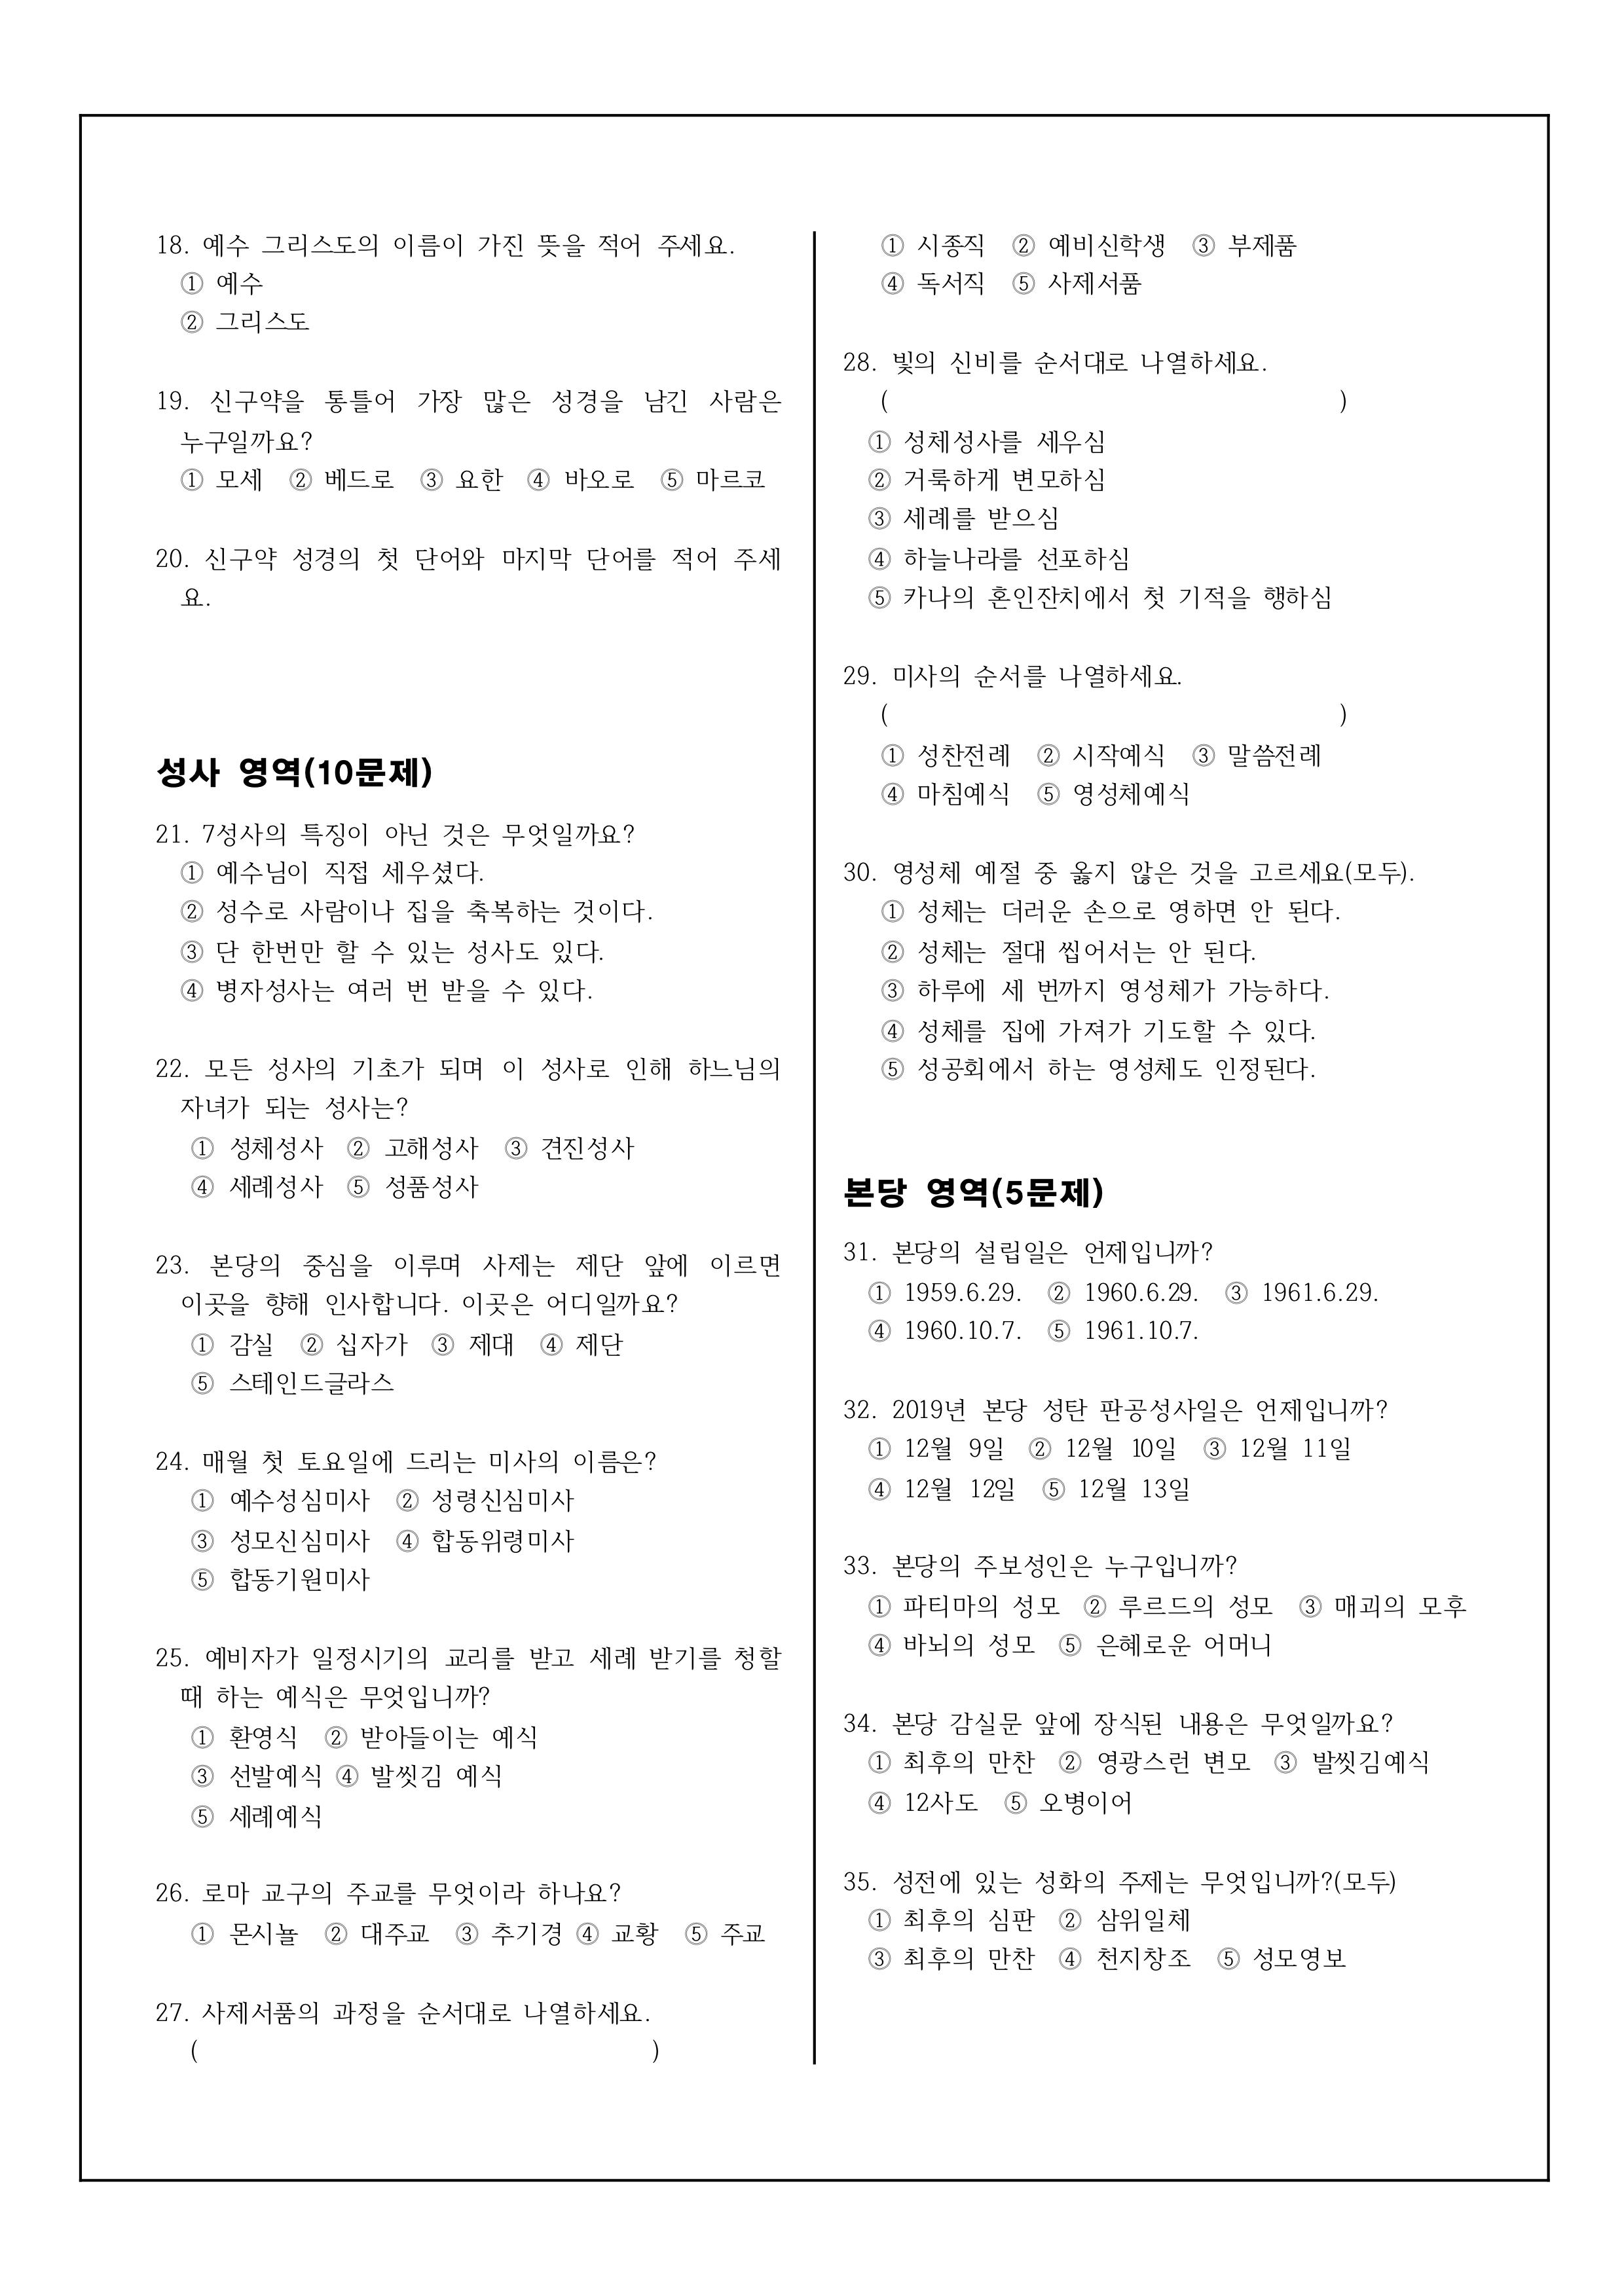 2019년 성탄 찰고 문제2.jpg